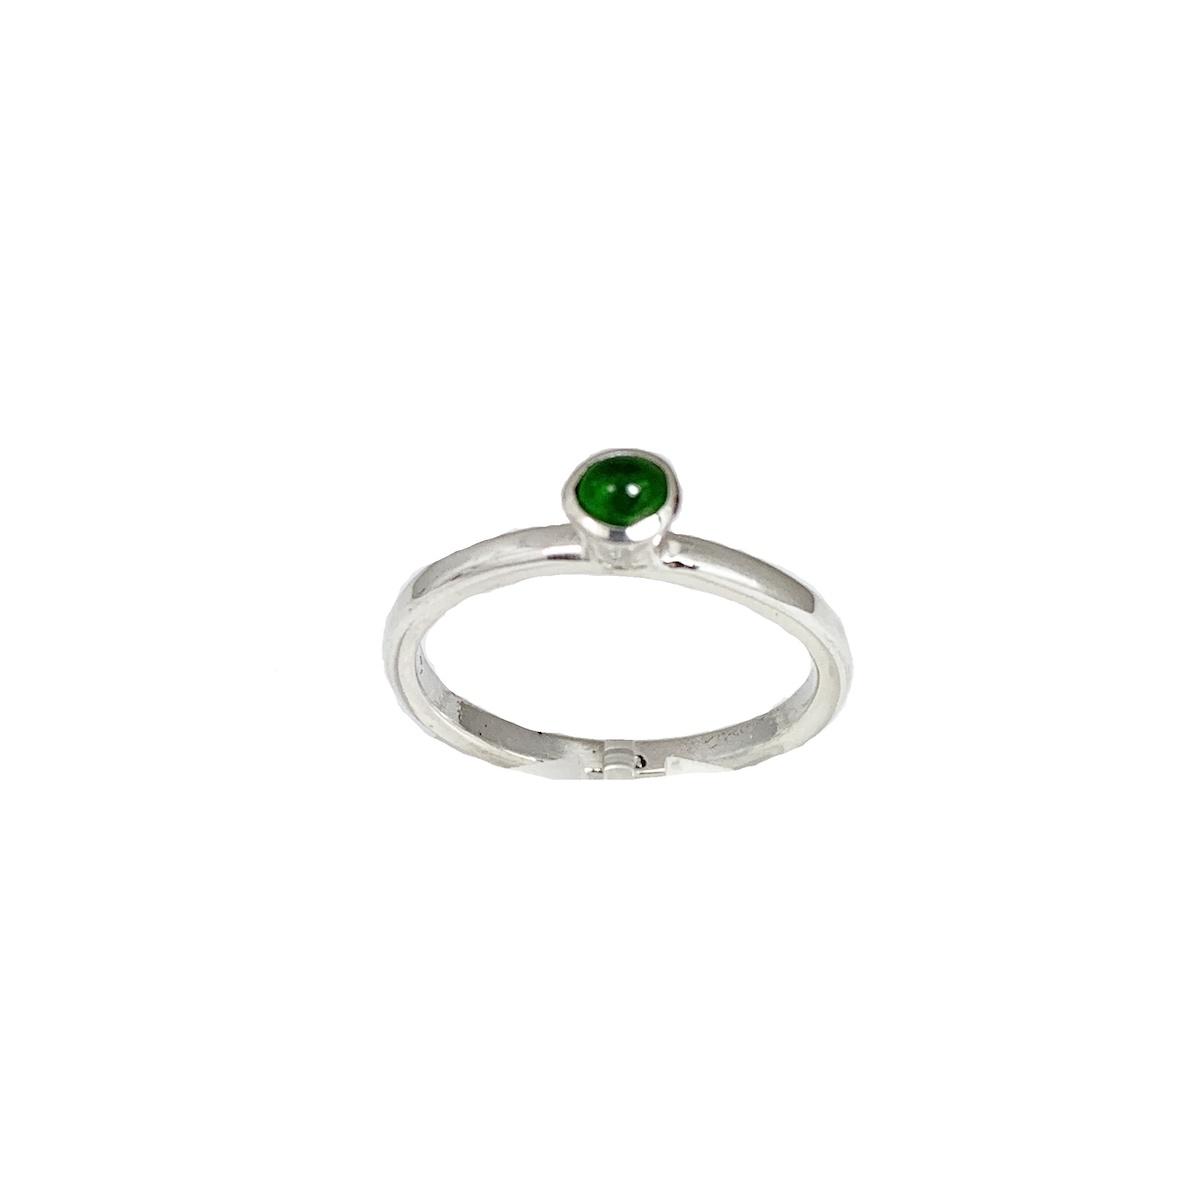 Kiliaan Jewelry Stackable rings Groen toermalijn